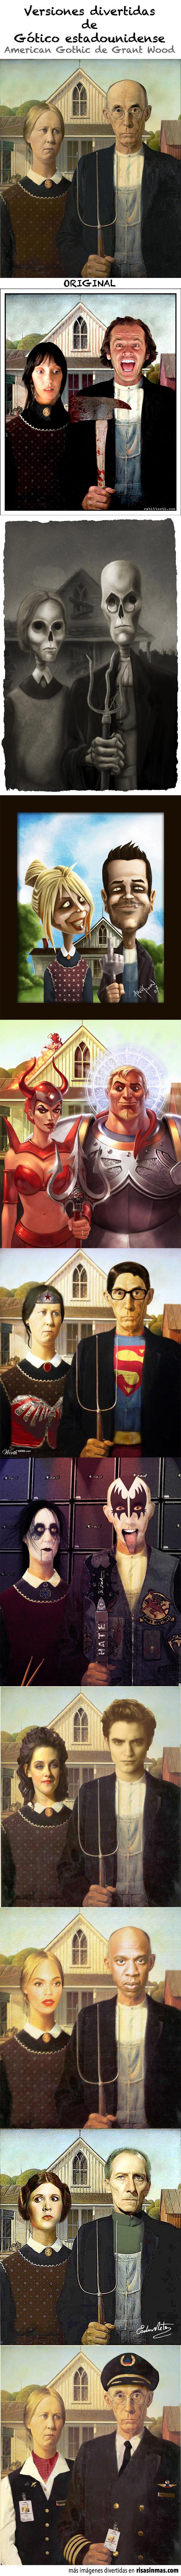 Versiones divertidas de Gótico estadounidense